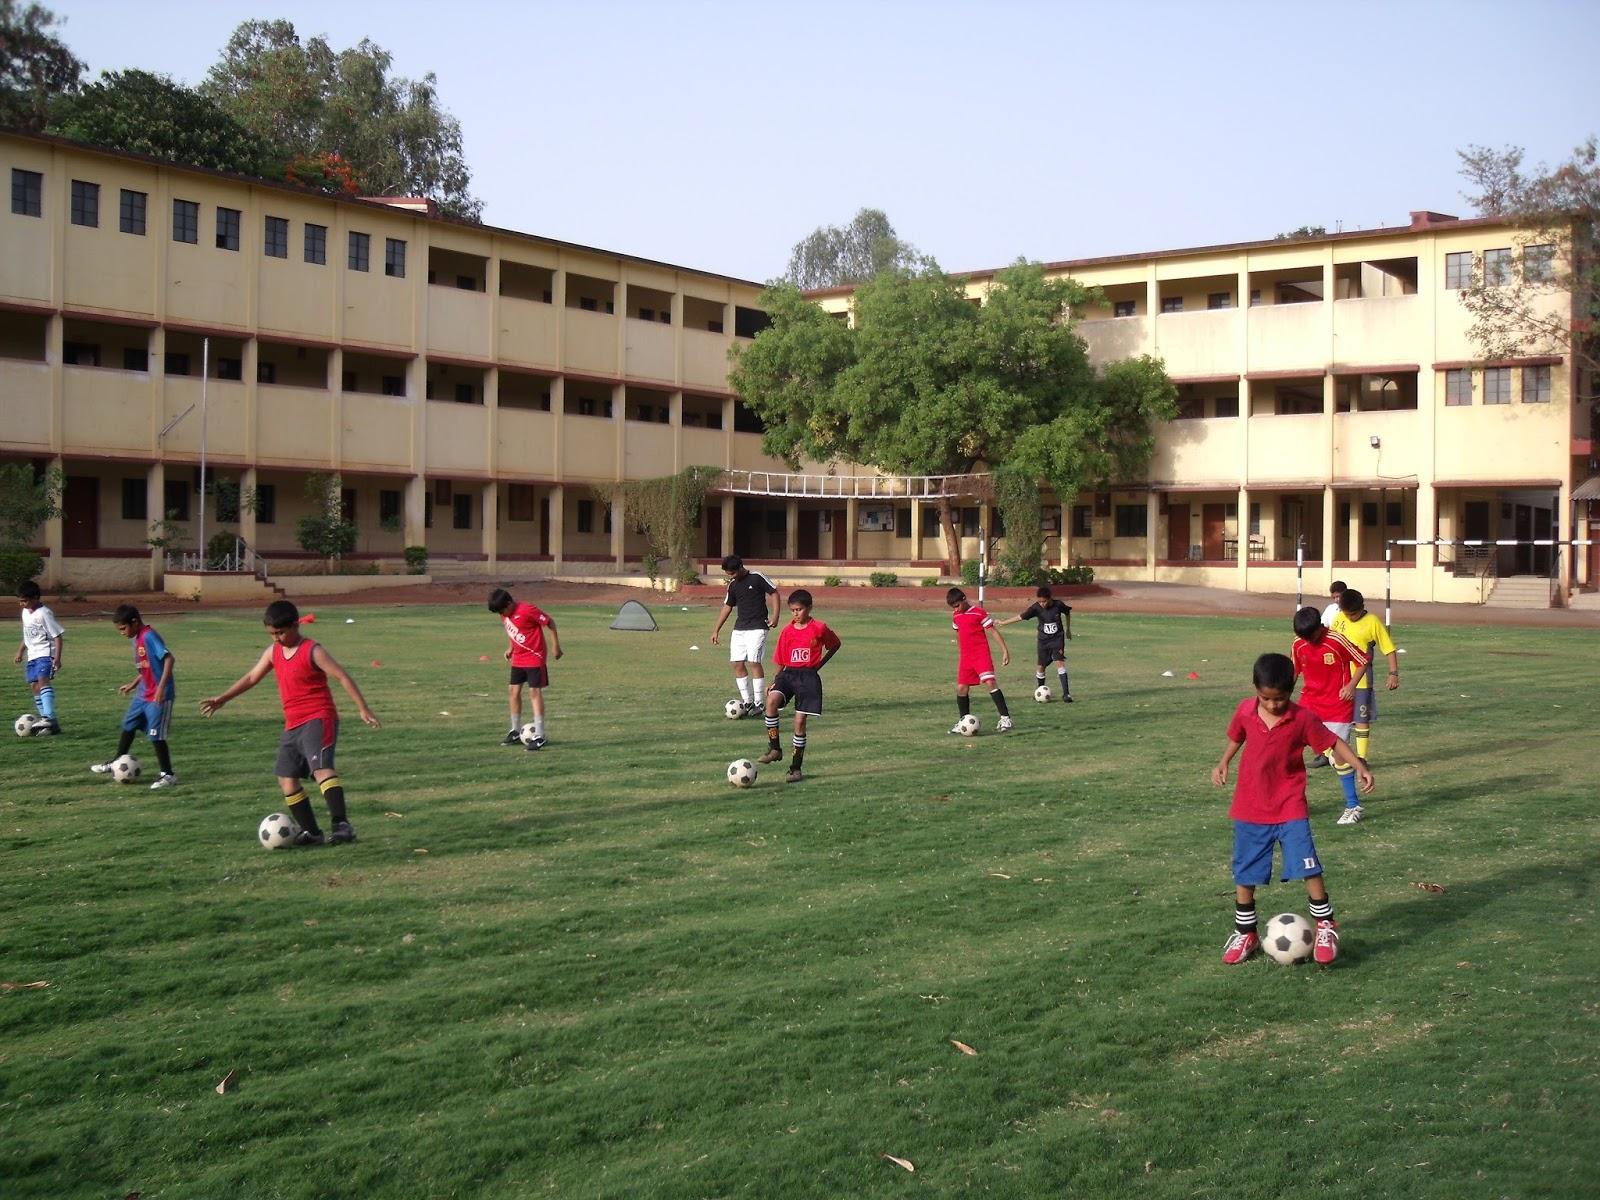 Website : www.nagarvalaschool.org